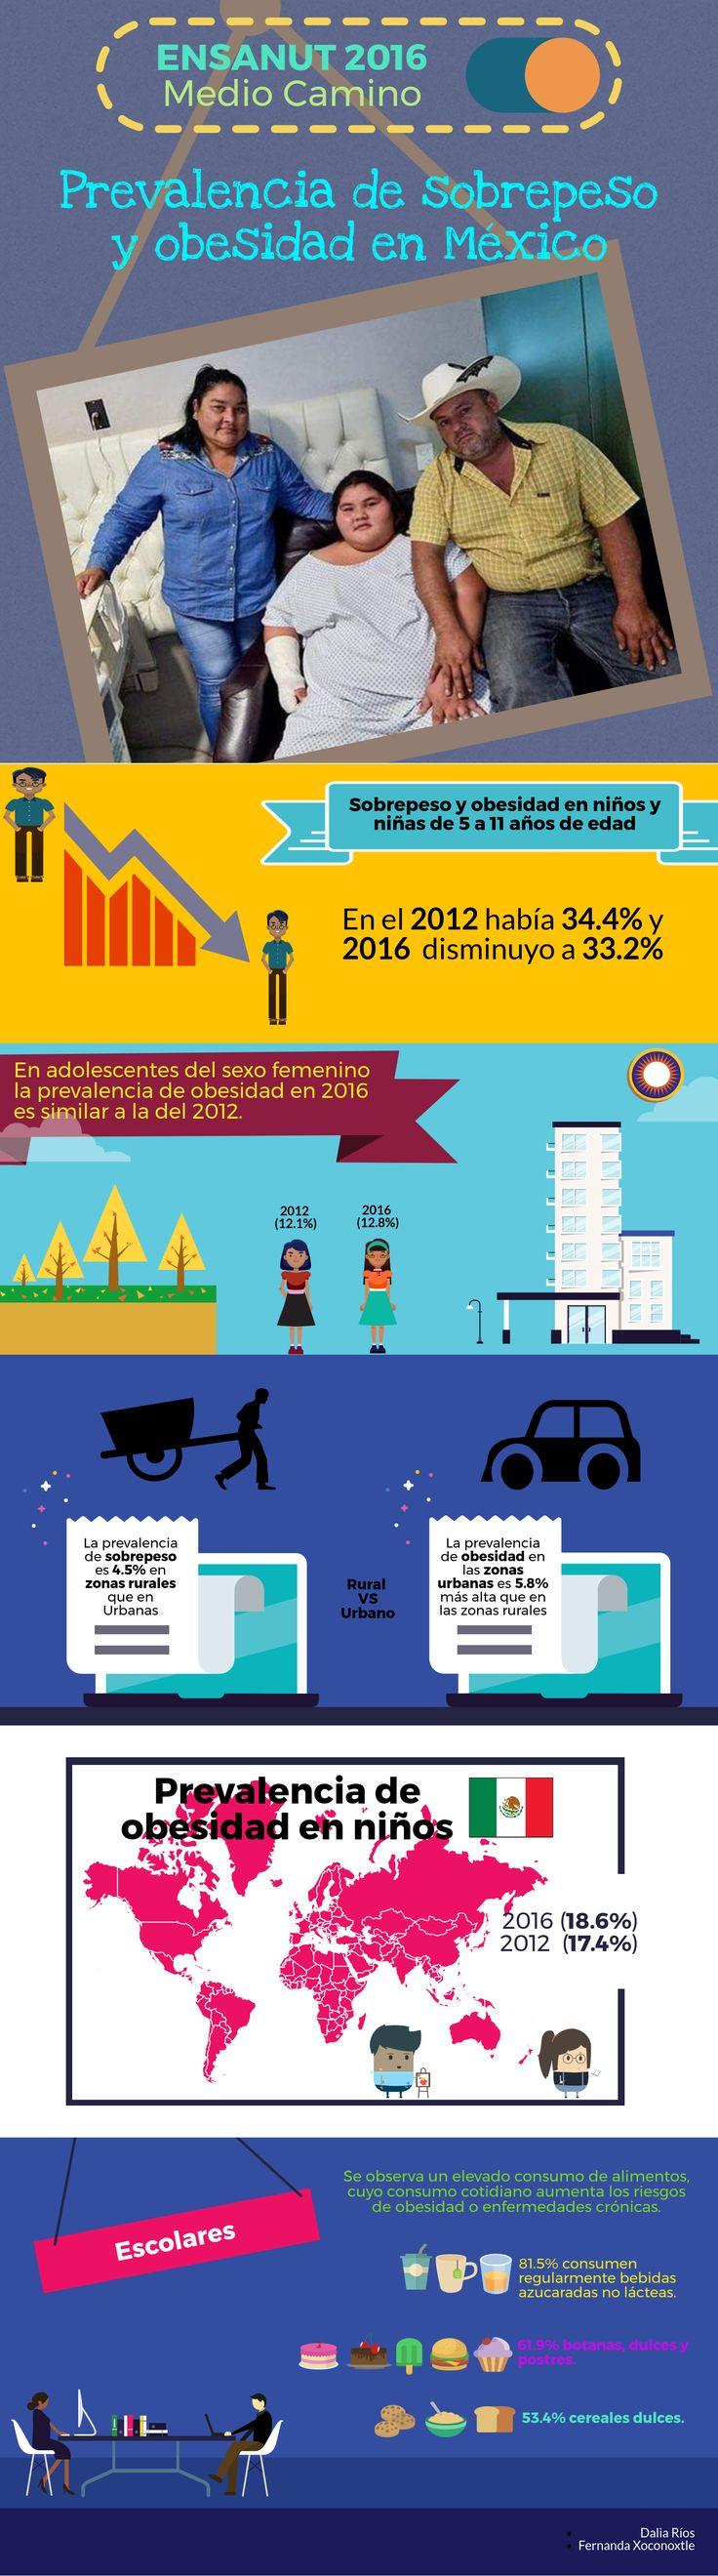 Infografia De la Prevalencia de obesidad y sobrepeso en población mexicana. Cifras de las encuestas nacionales del 2016, son las más actuales.